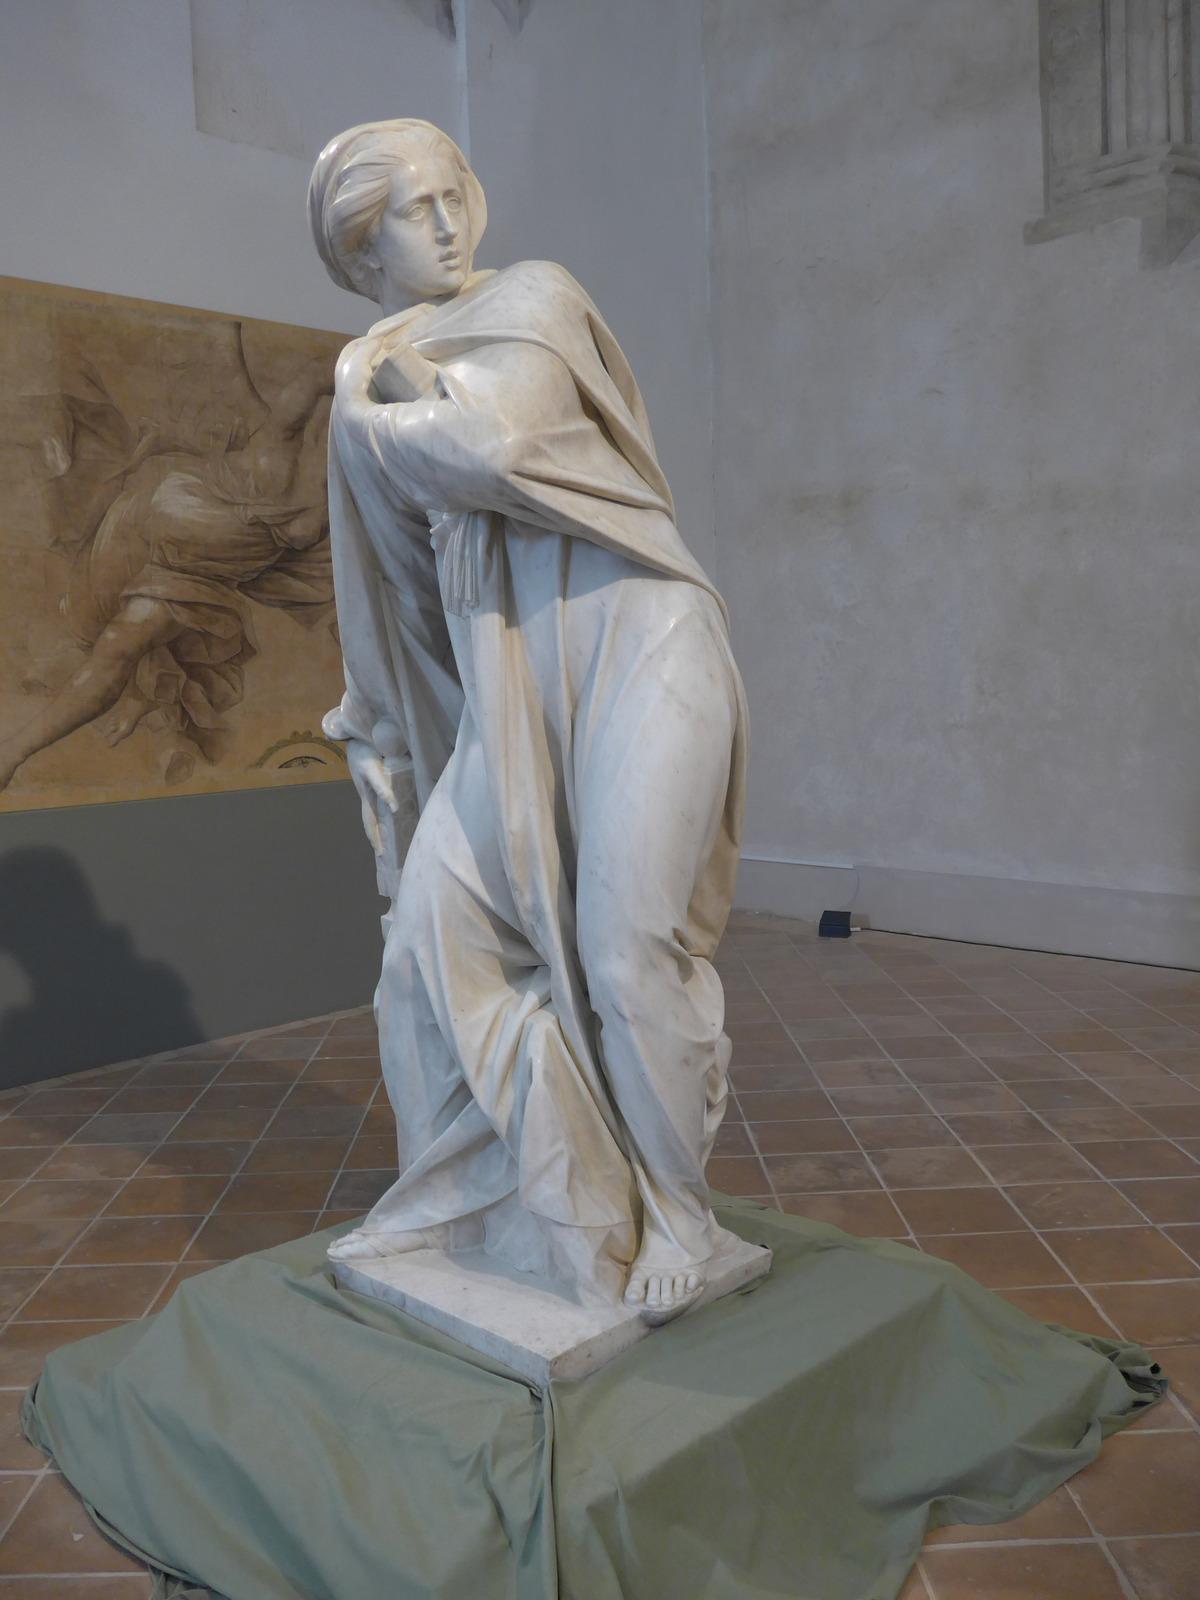 2017年07月22日 : イタリア芸術...